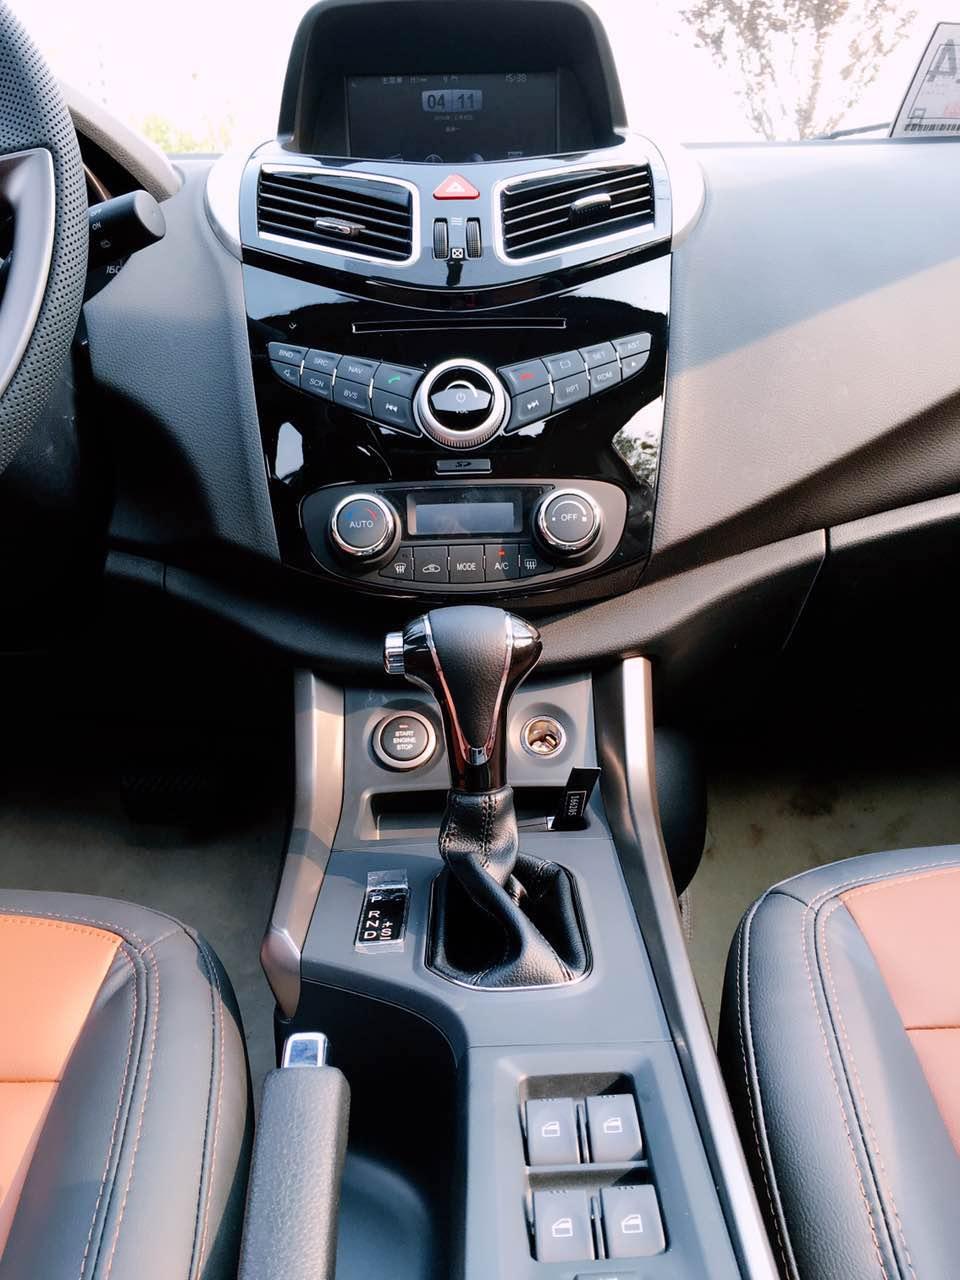 amts 智能检测系统, smart 智能行车电脑系统,led转向灯和电加热除霜